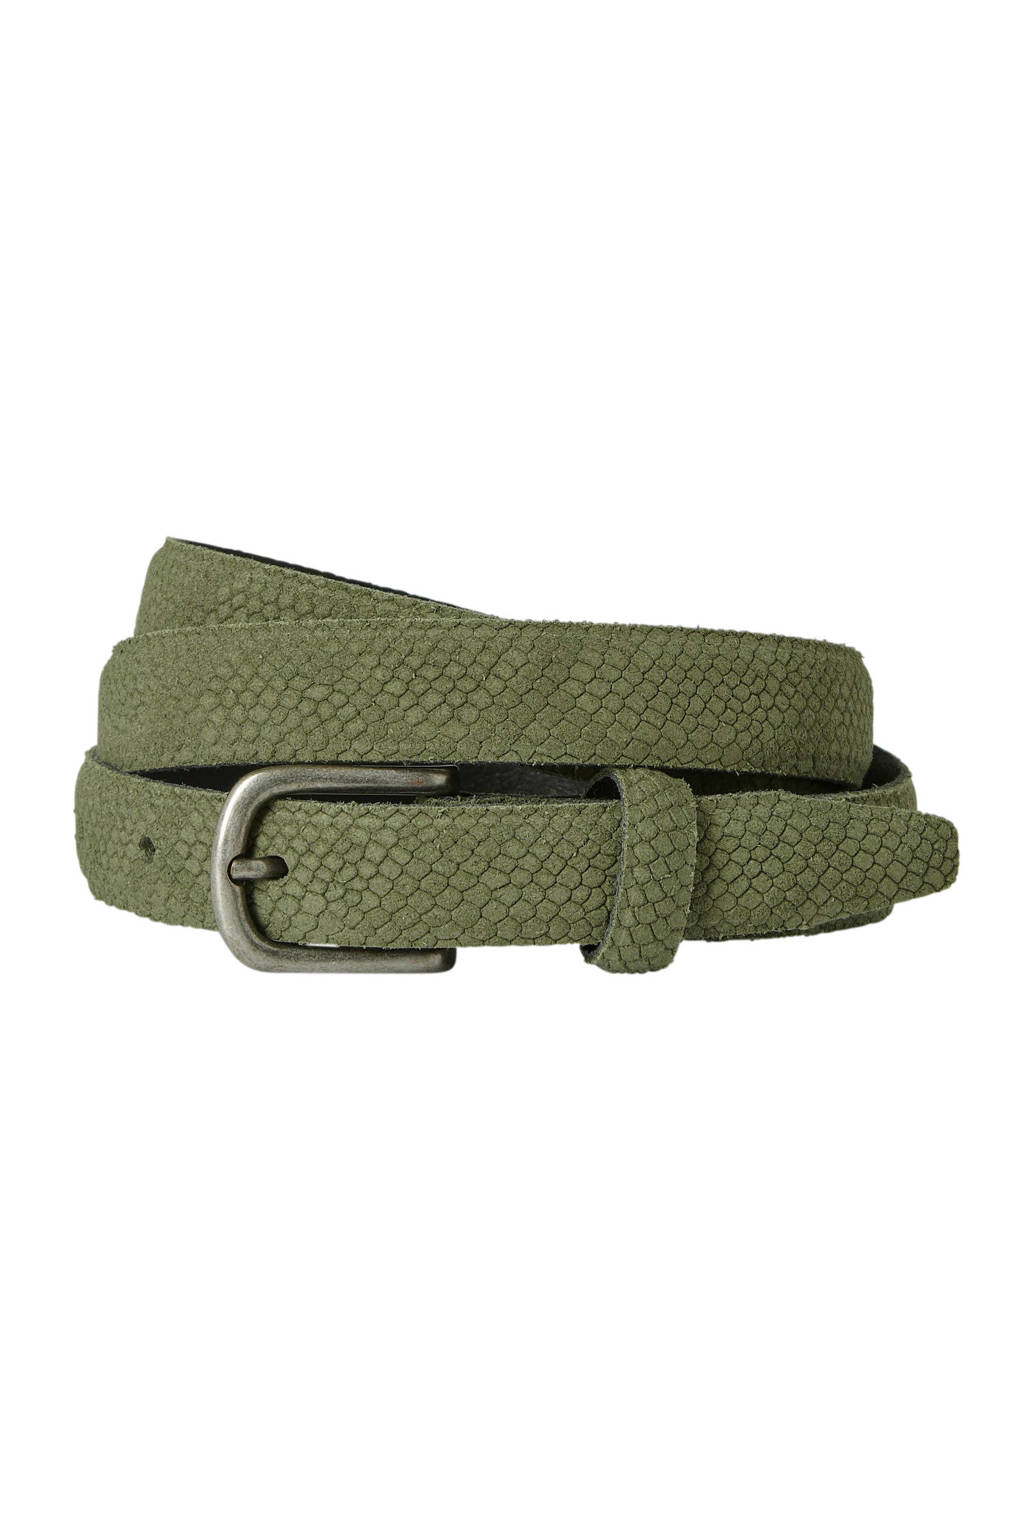 Cowboysbag Cowboysbelt leren riem met imitatieslangenprint groen, Kaki